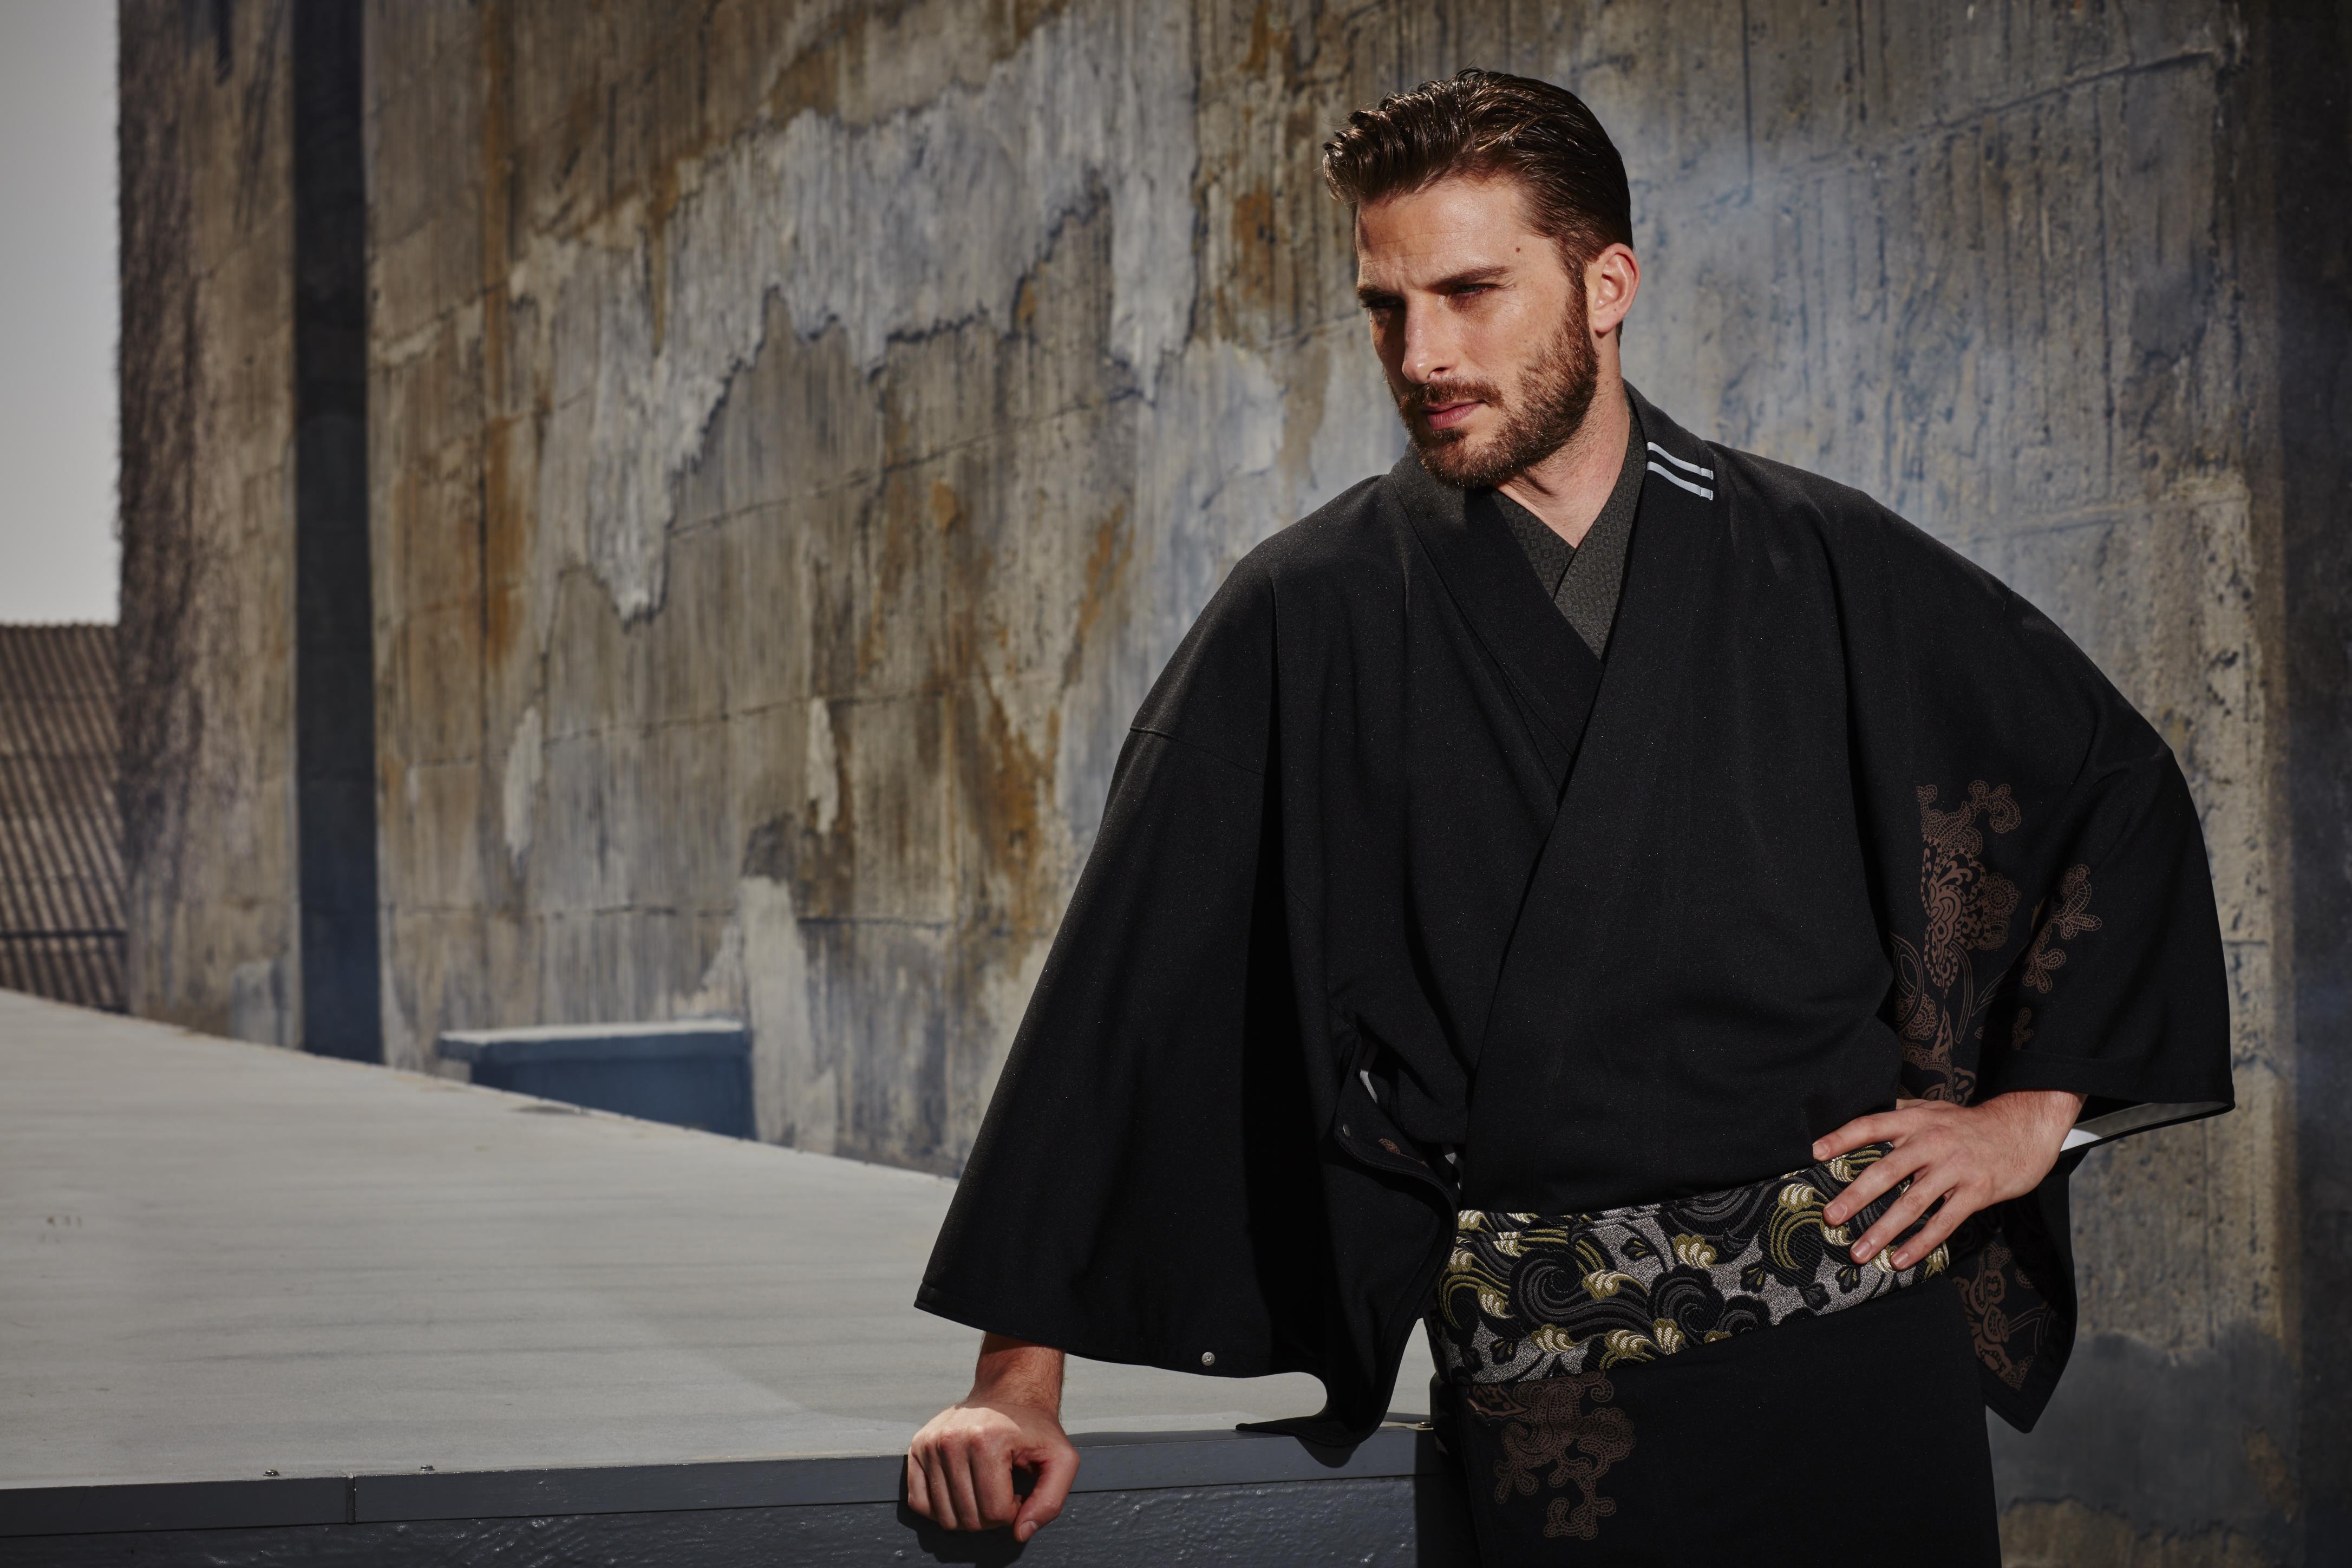 ジャージ素材の着物。細部のディテールまで凝ったデザイン